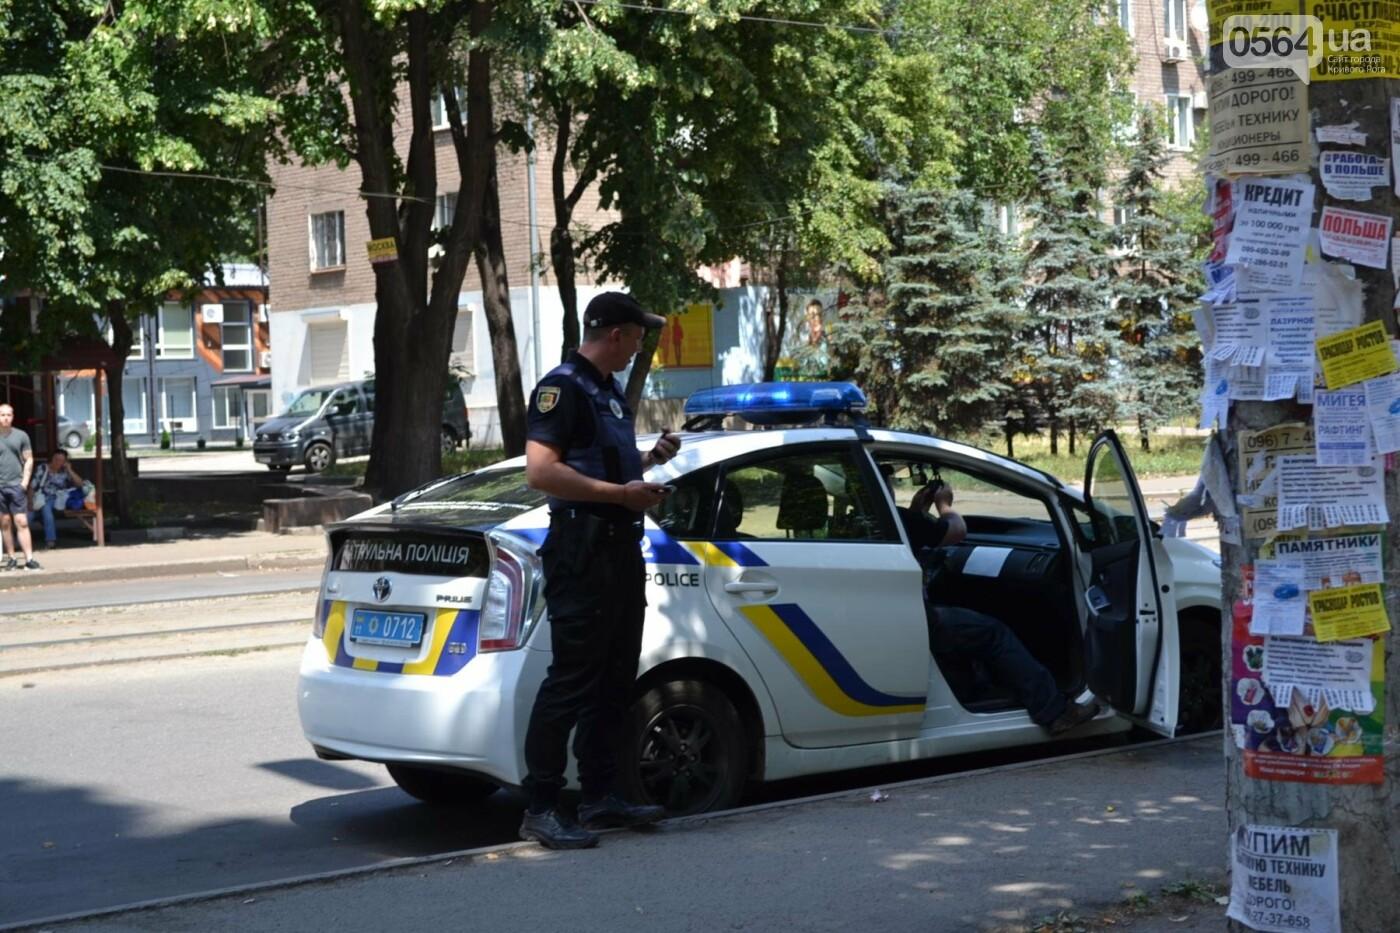 """В Кривом Роге активисты обнаружили очередную """"наливайку"""", а полицейский назвал это """"фигней"""", - ФОТО, ВИДЕО, фото-17"""